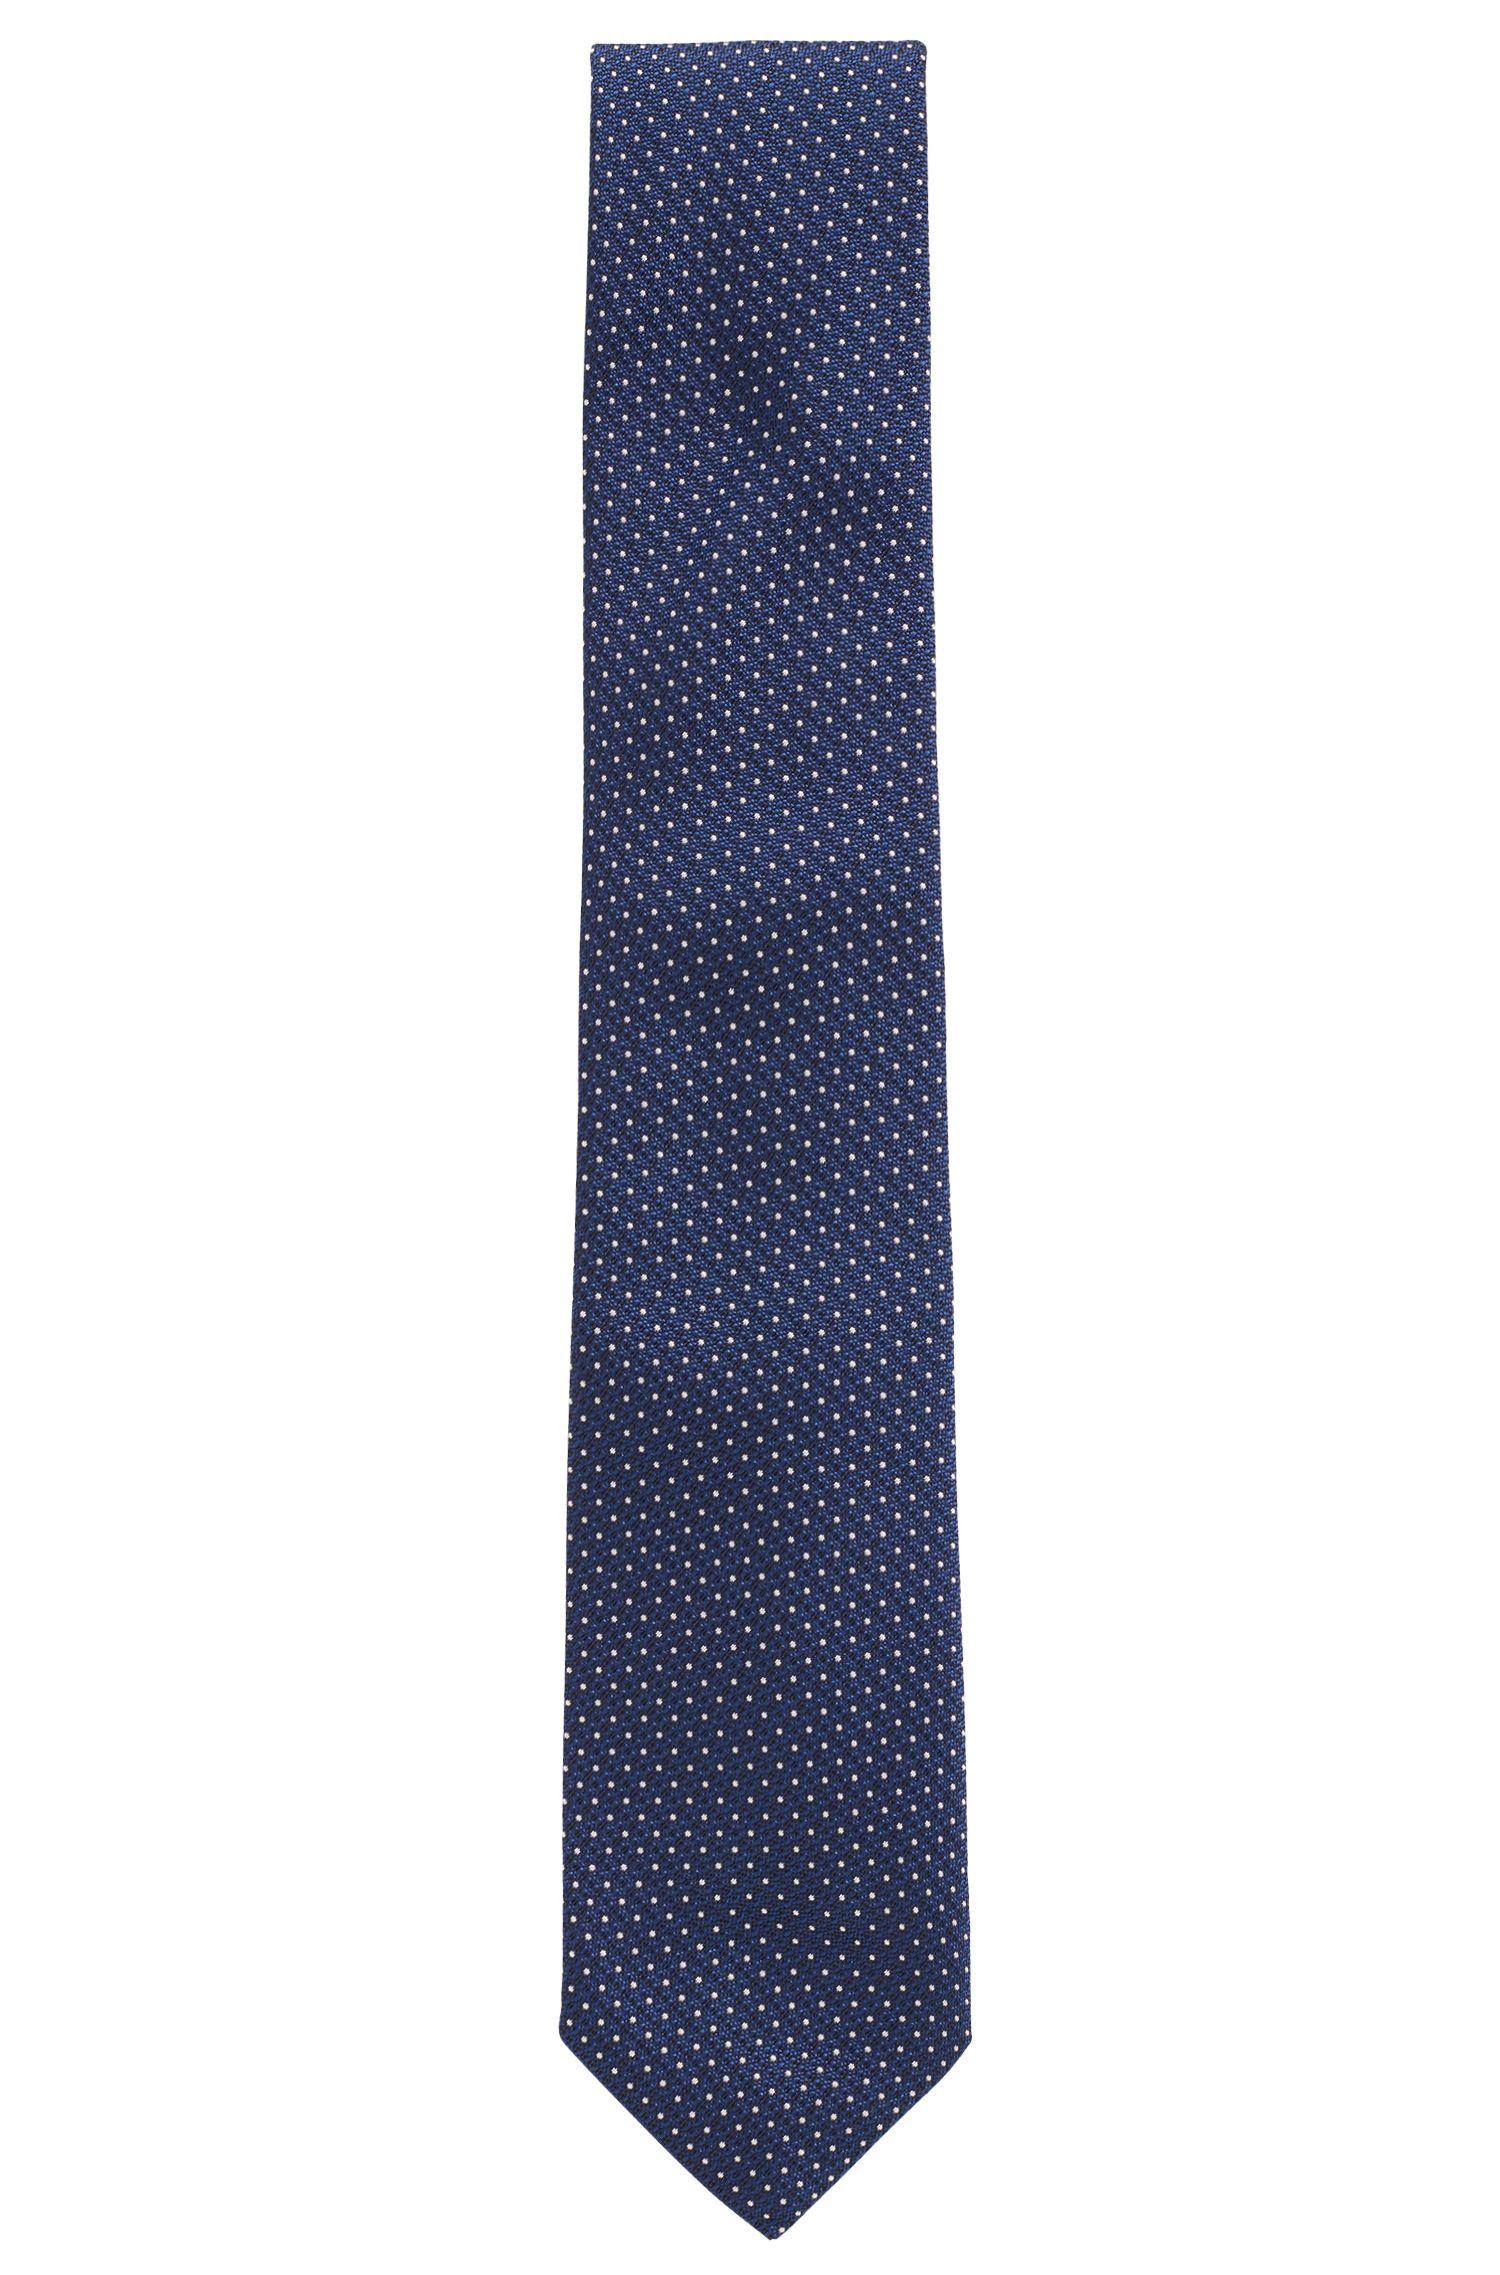 Cravate en jacquard de soie à micropois, Bleu foncé